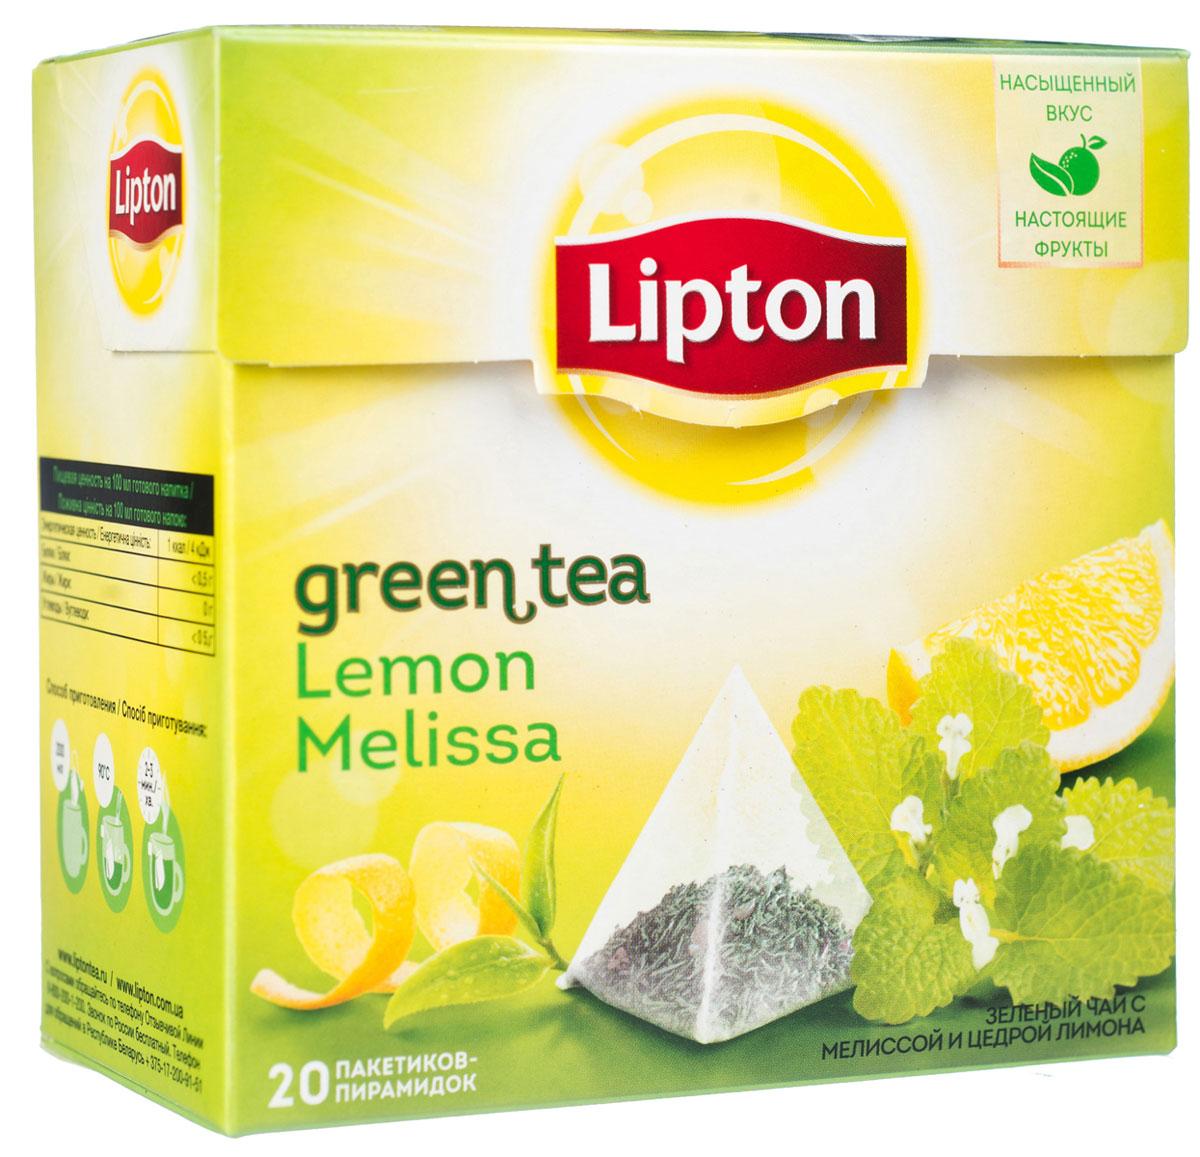 Lipton Lemon Melissa Green Tea зеленый чай в пирамидках с листочками лимонной мяты 20 шт0120710Lipton Lemon Melissa - зеленый чай с лимонной мятой. Когда нежный зеленый чай встречается с дерзким фруктово-травяным коктейлем, образуется восхитительный дуэт. Тщательно отобранные и бережно высушенные молодые чайные листочки, дополненные свежестью лимонной цедры и листиков мелиссы, подарят легкий вкус, в котором почти не осталось места для горечи. Свободное пространство в пакетике-пирамидке позволяет купажу полностью раскрыться.